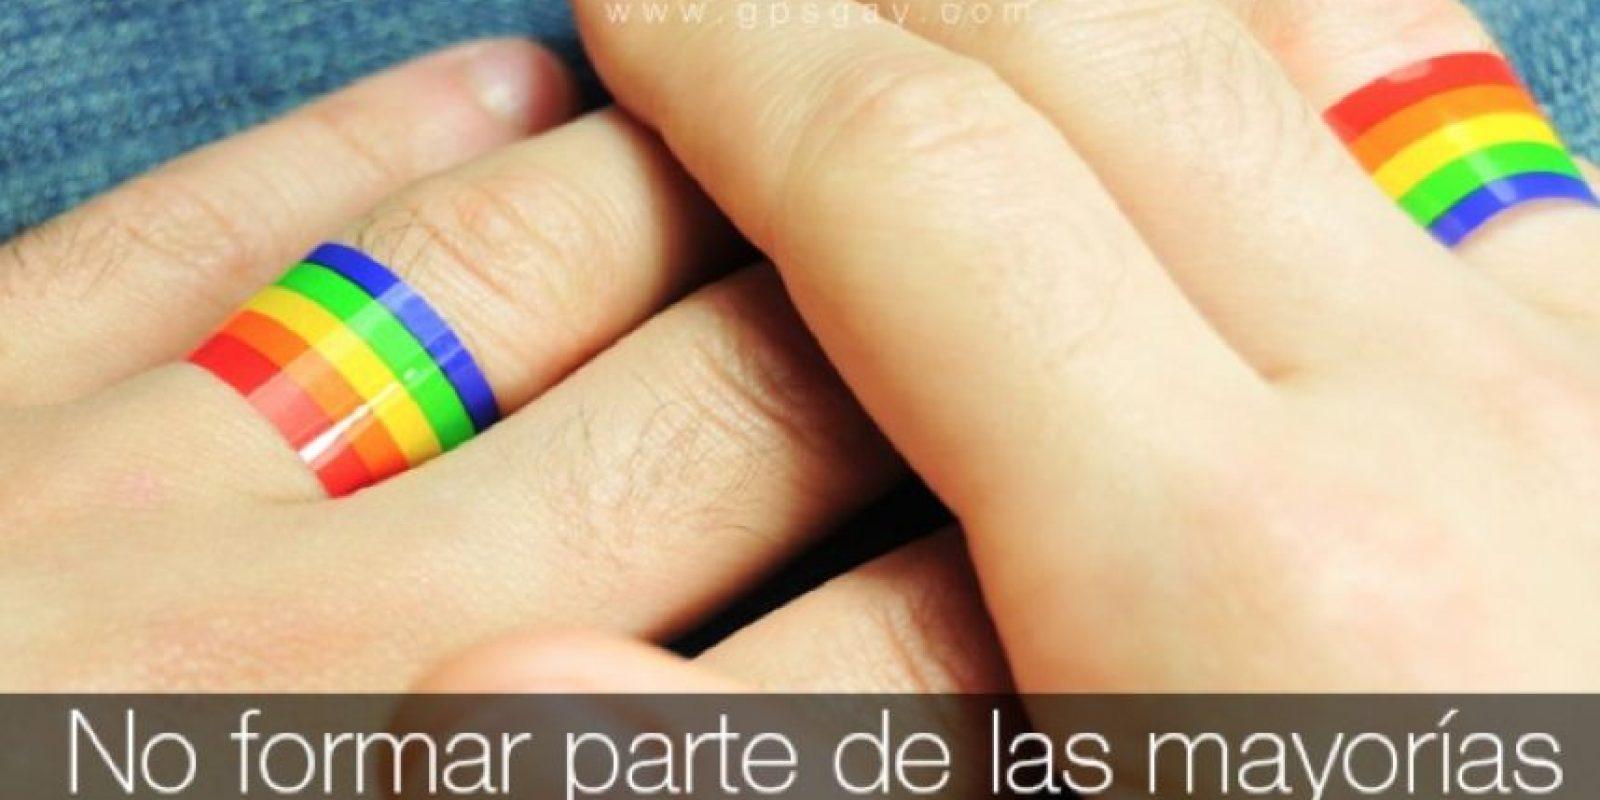 """""""No formar parte de las mayorías, no significa que nuestros derechos deban ser olvidados"""". Foto:Facebook.com/COMUNIDADGPSGAY"""